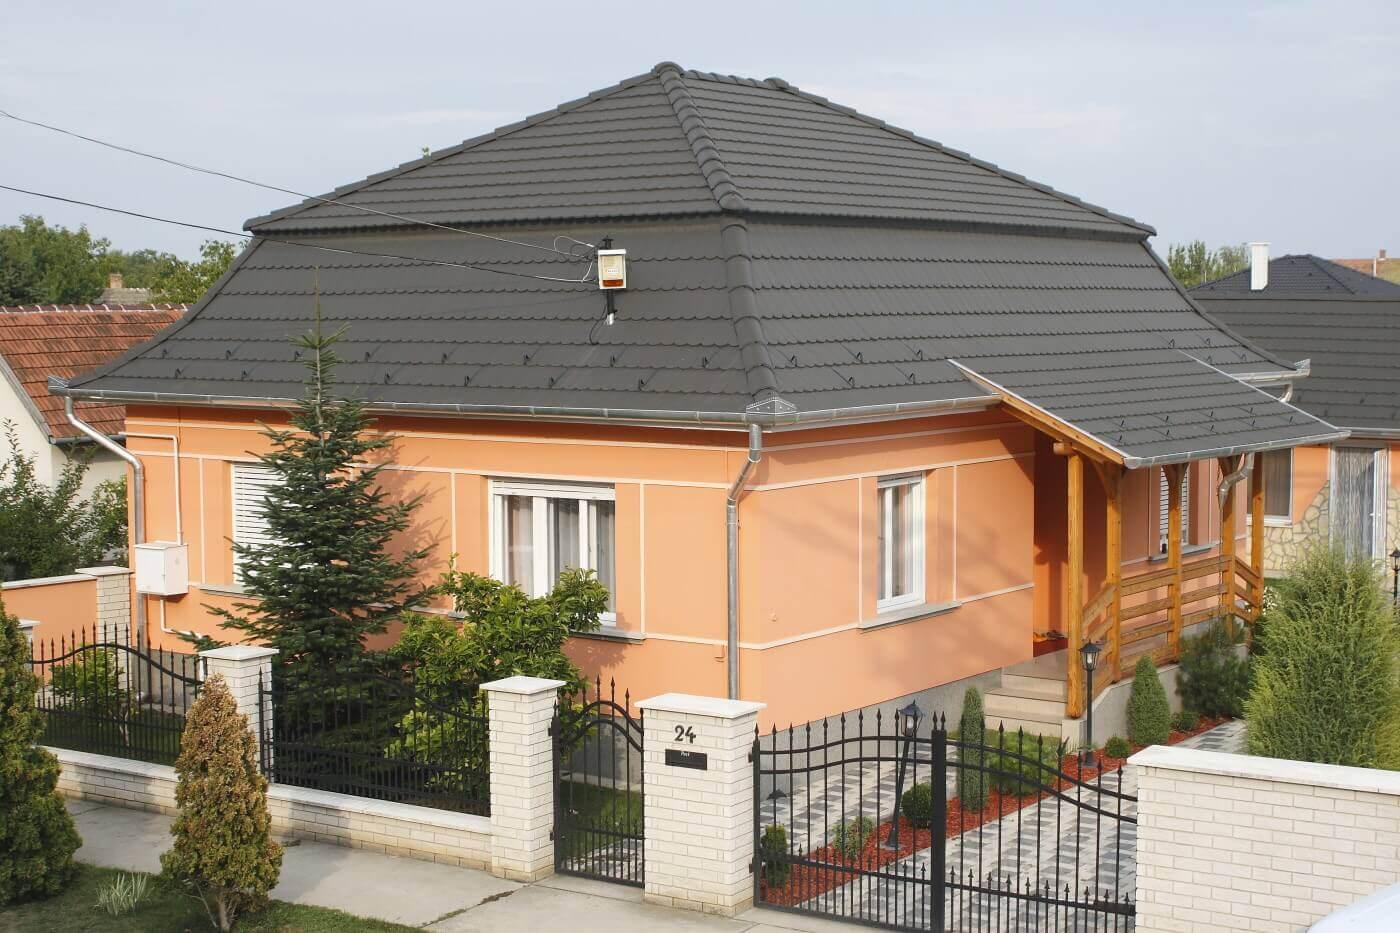 Najpoužívanejšie druhy striech #5: Manzardová strecha